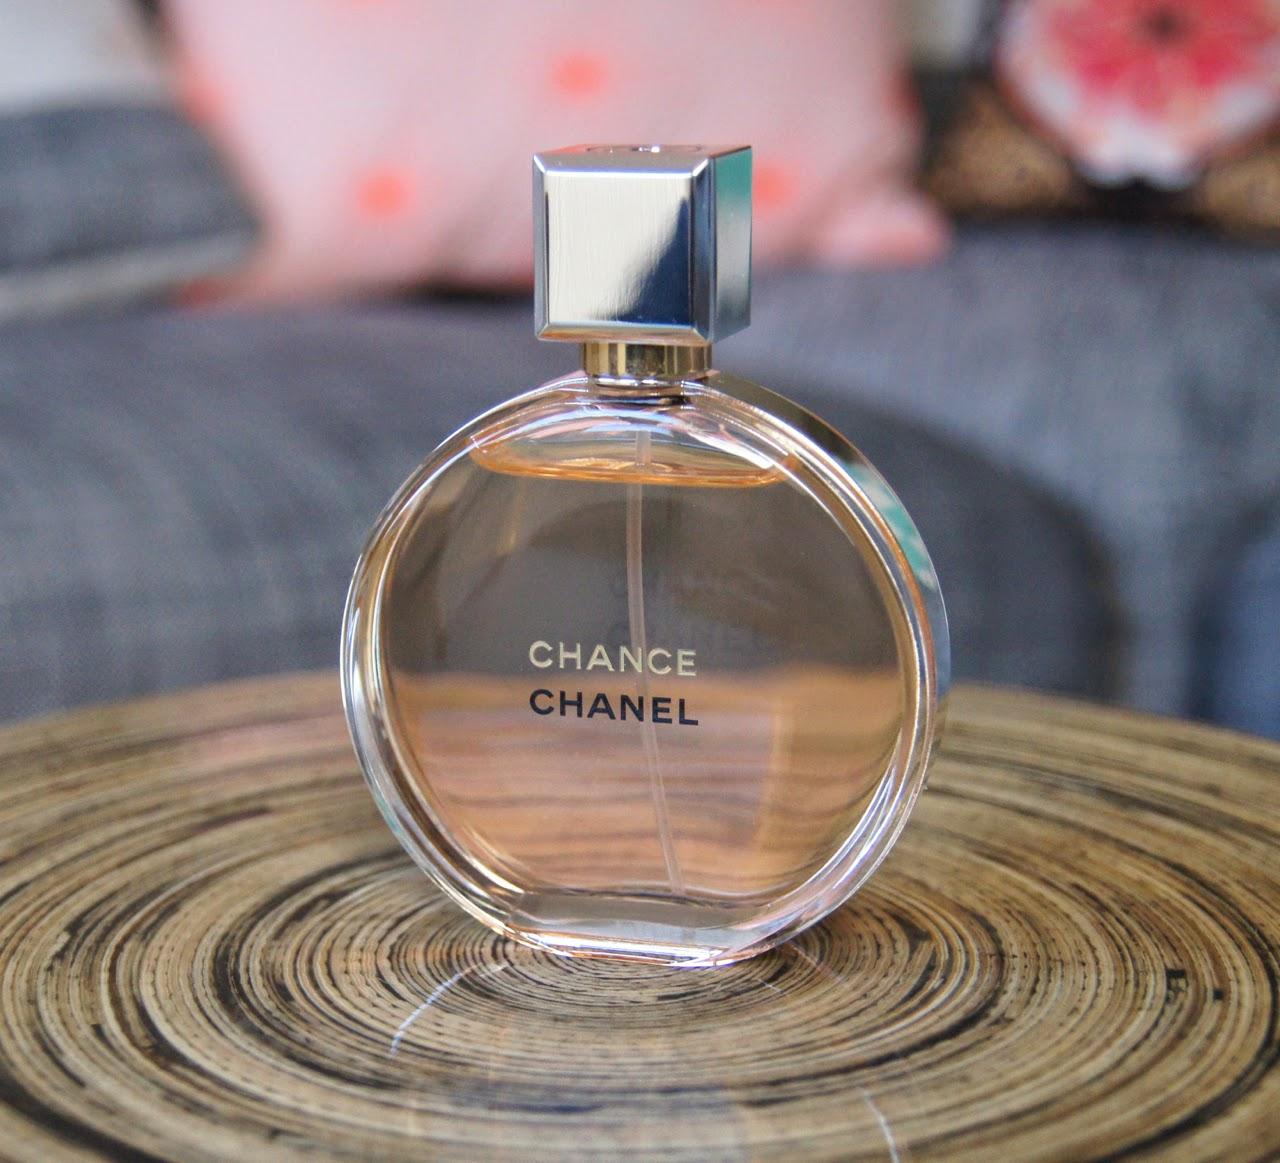 chanel chance eau de parfum fragrance review